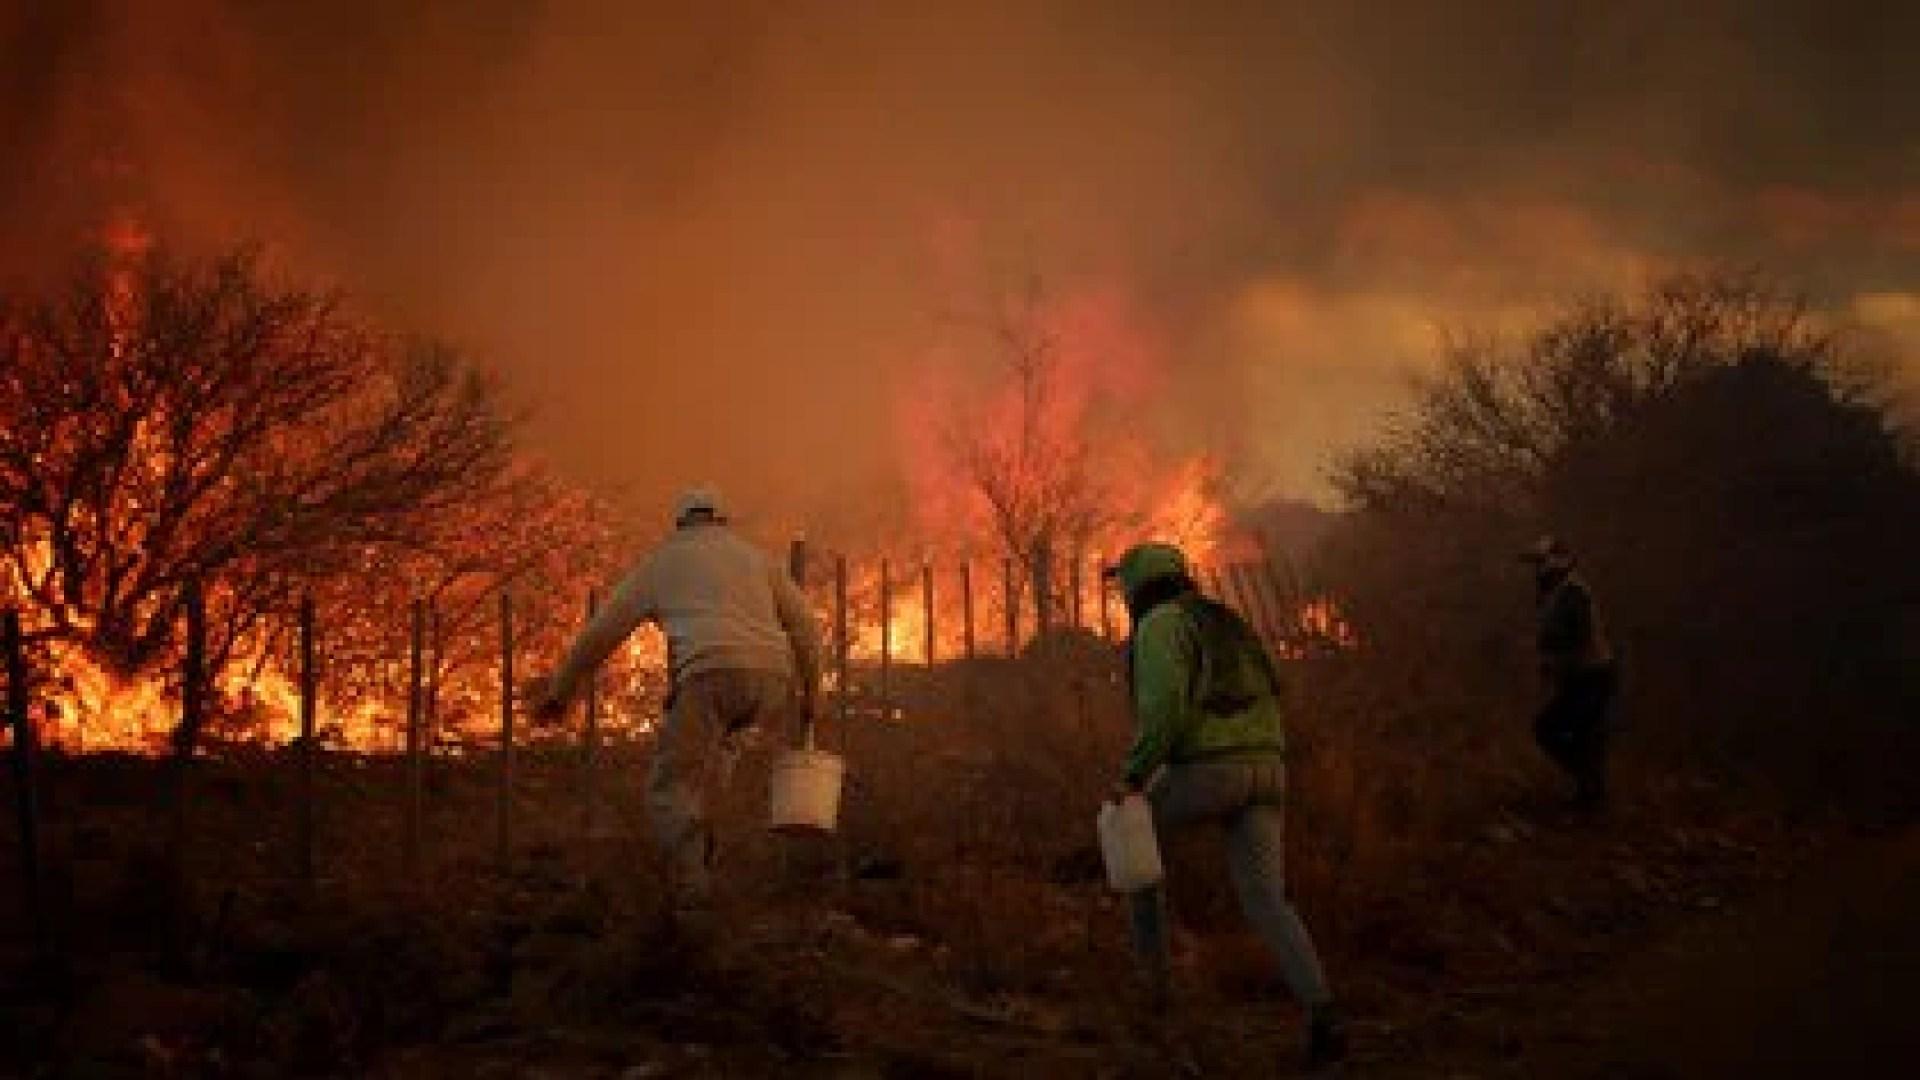 Los vecinos intentan ayudar a los bomberos voluntarios pero hay veces que ponen demasiado en riesgo sus vidas (Mario Sar)